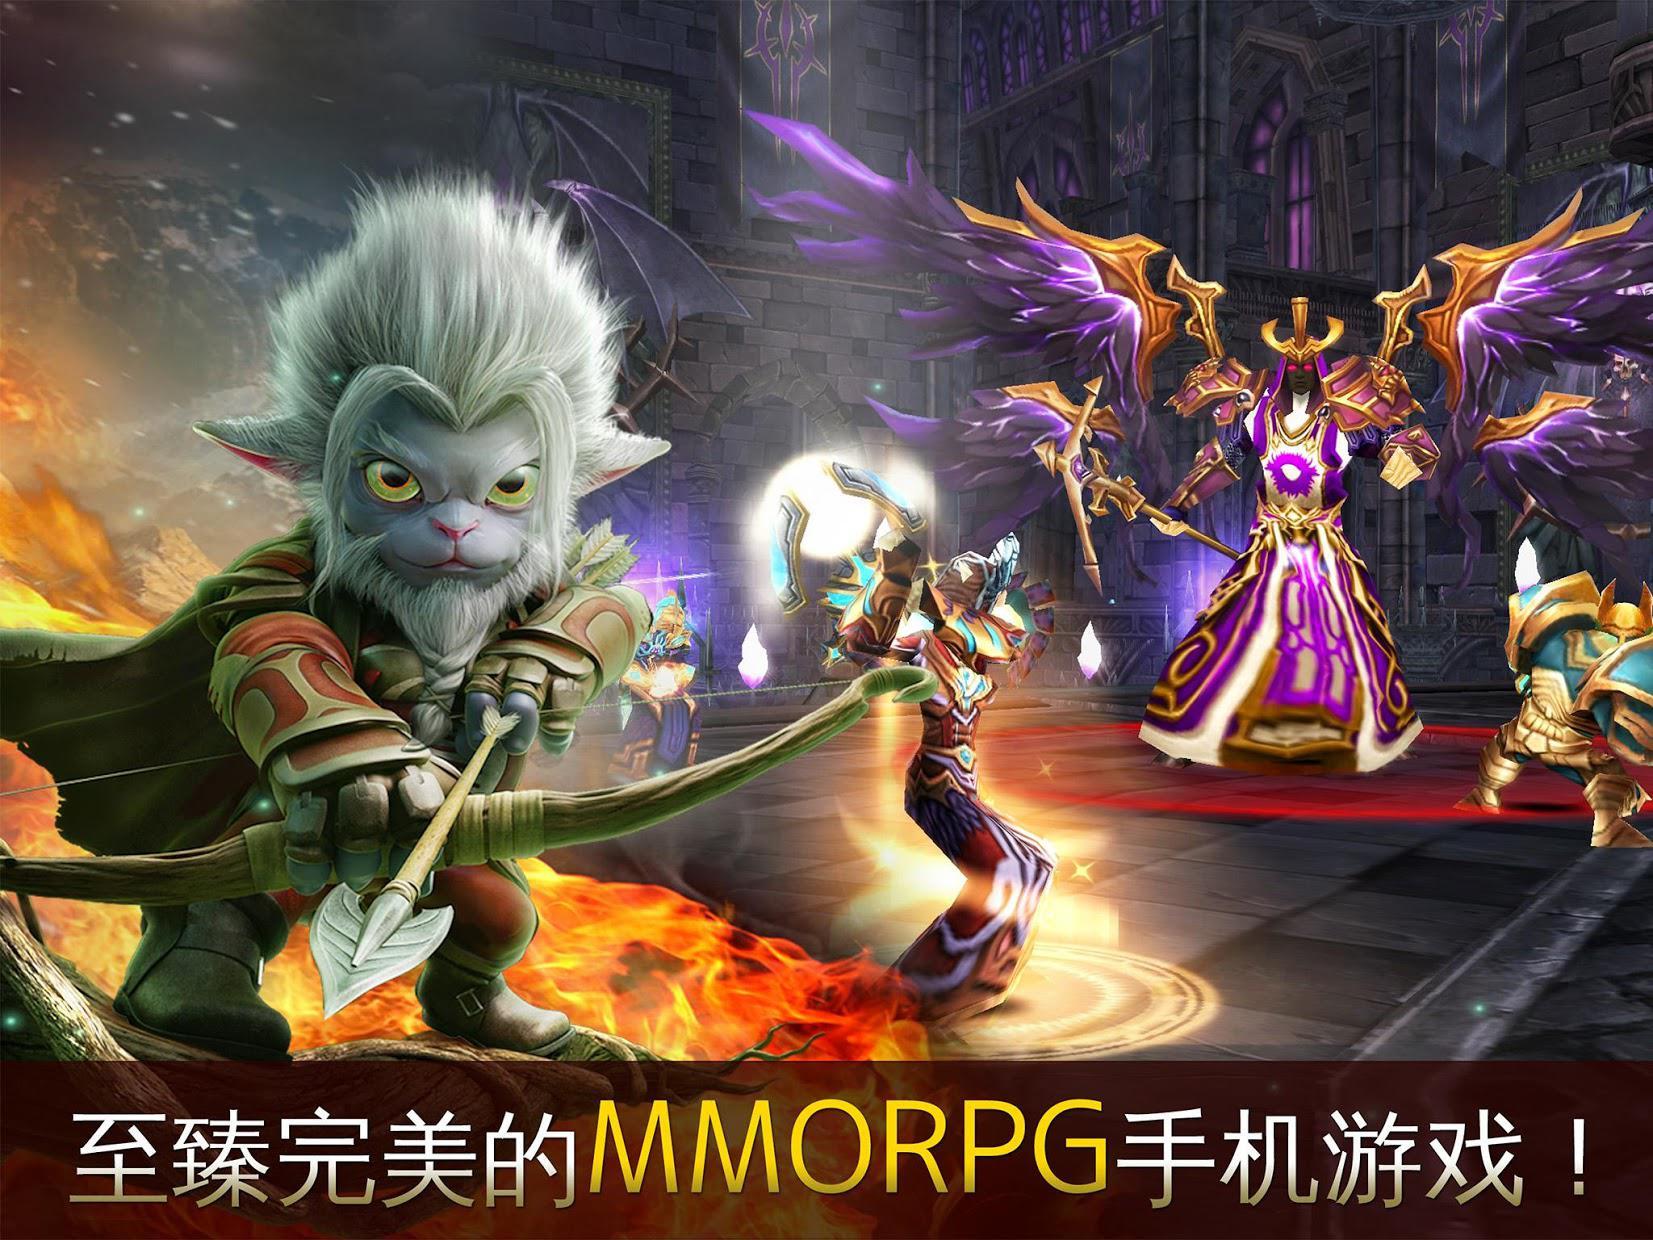 混沌与秩序Online - 魔幻3D MMORPG手游登不上怎么回事